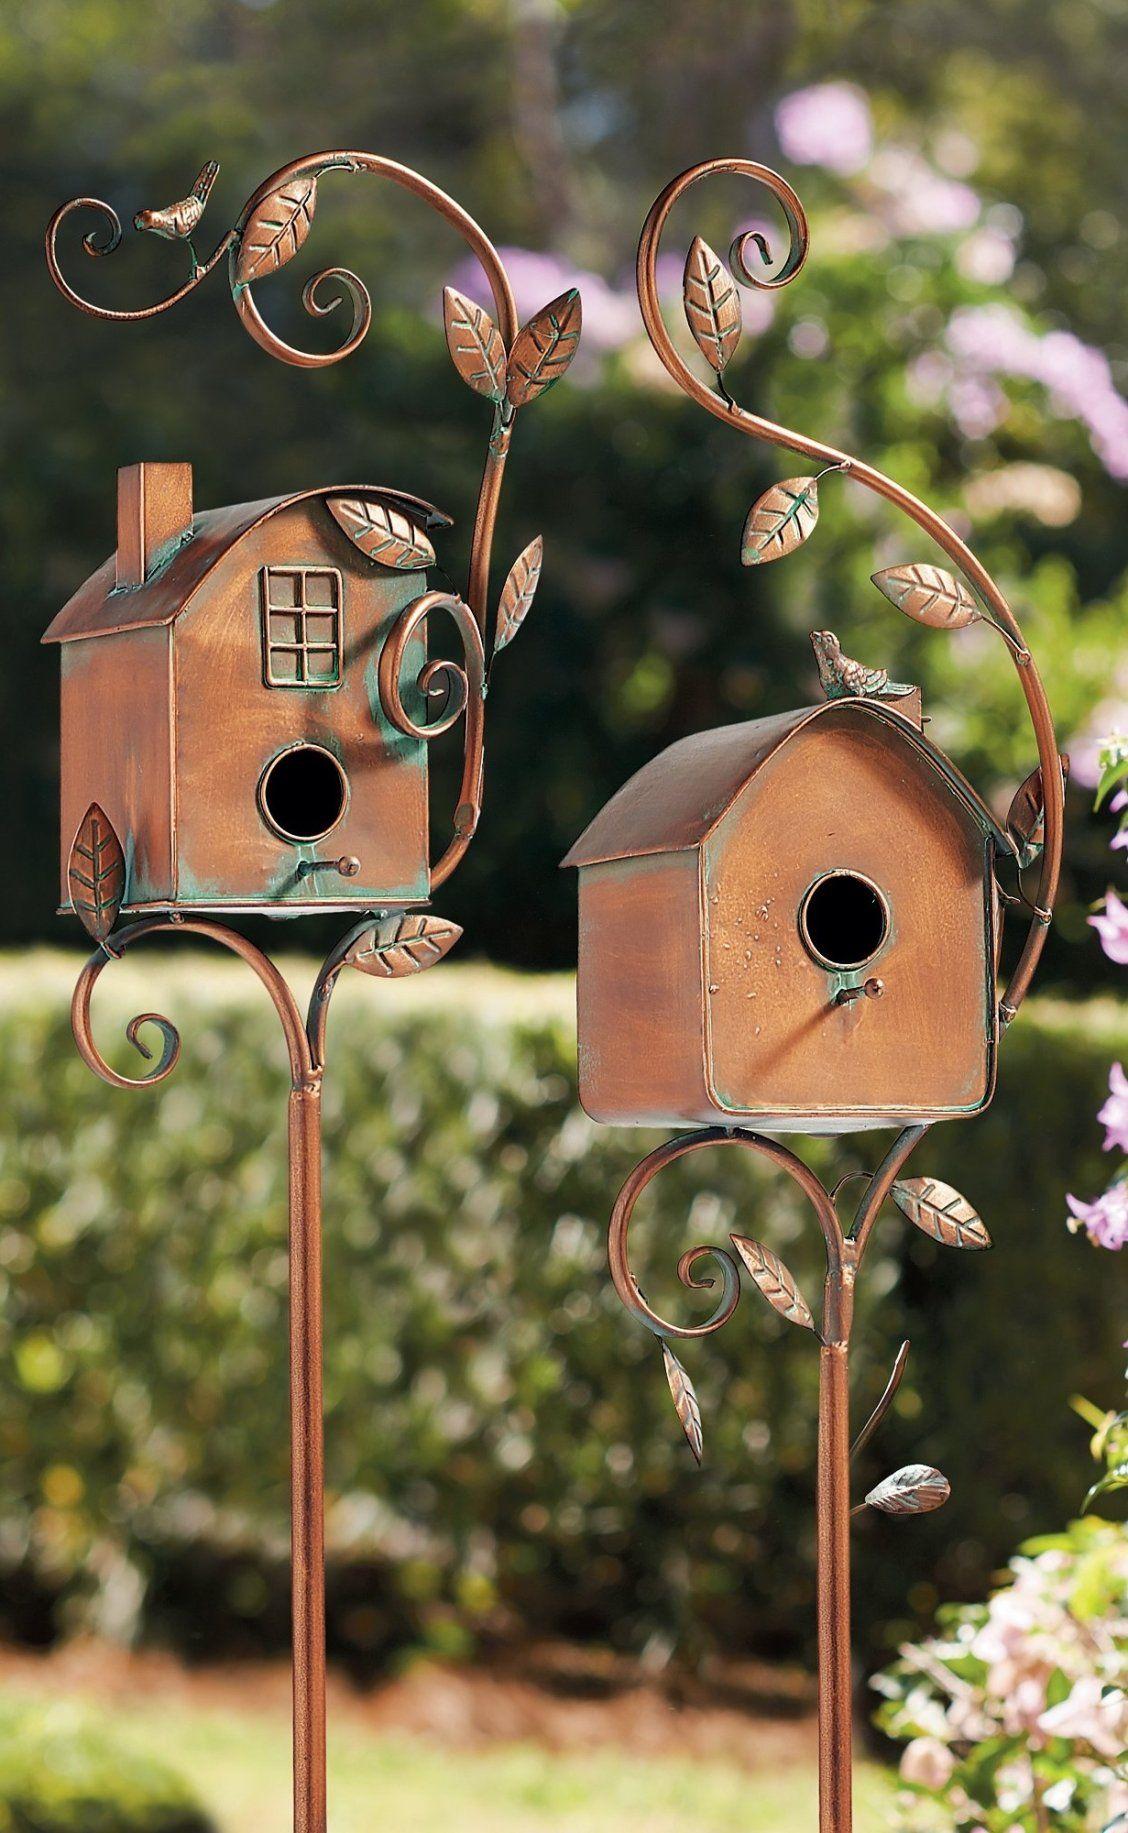 Birdhouse Garden Stakes Grandin Road Bird Houses Shop Wall Decor Garden Stakes